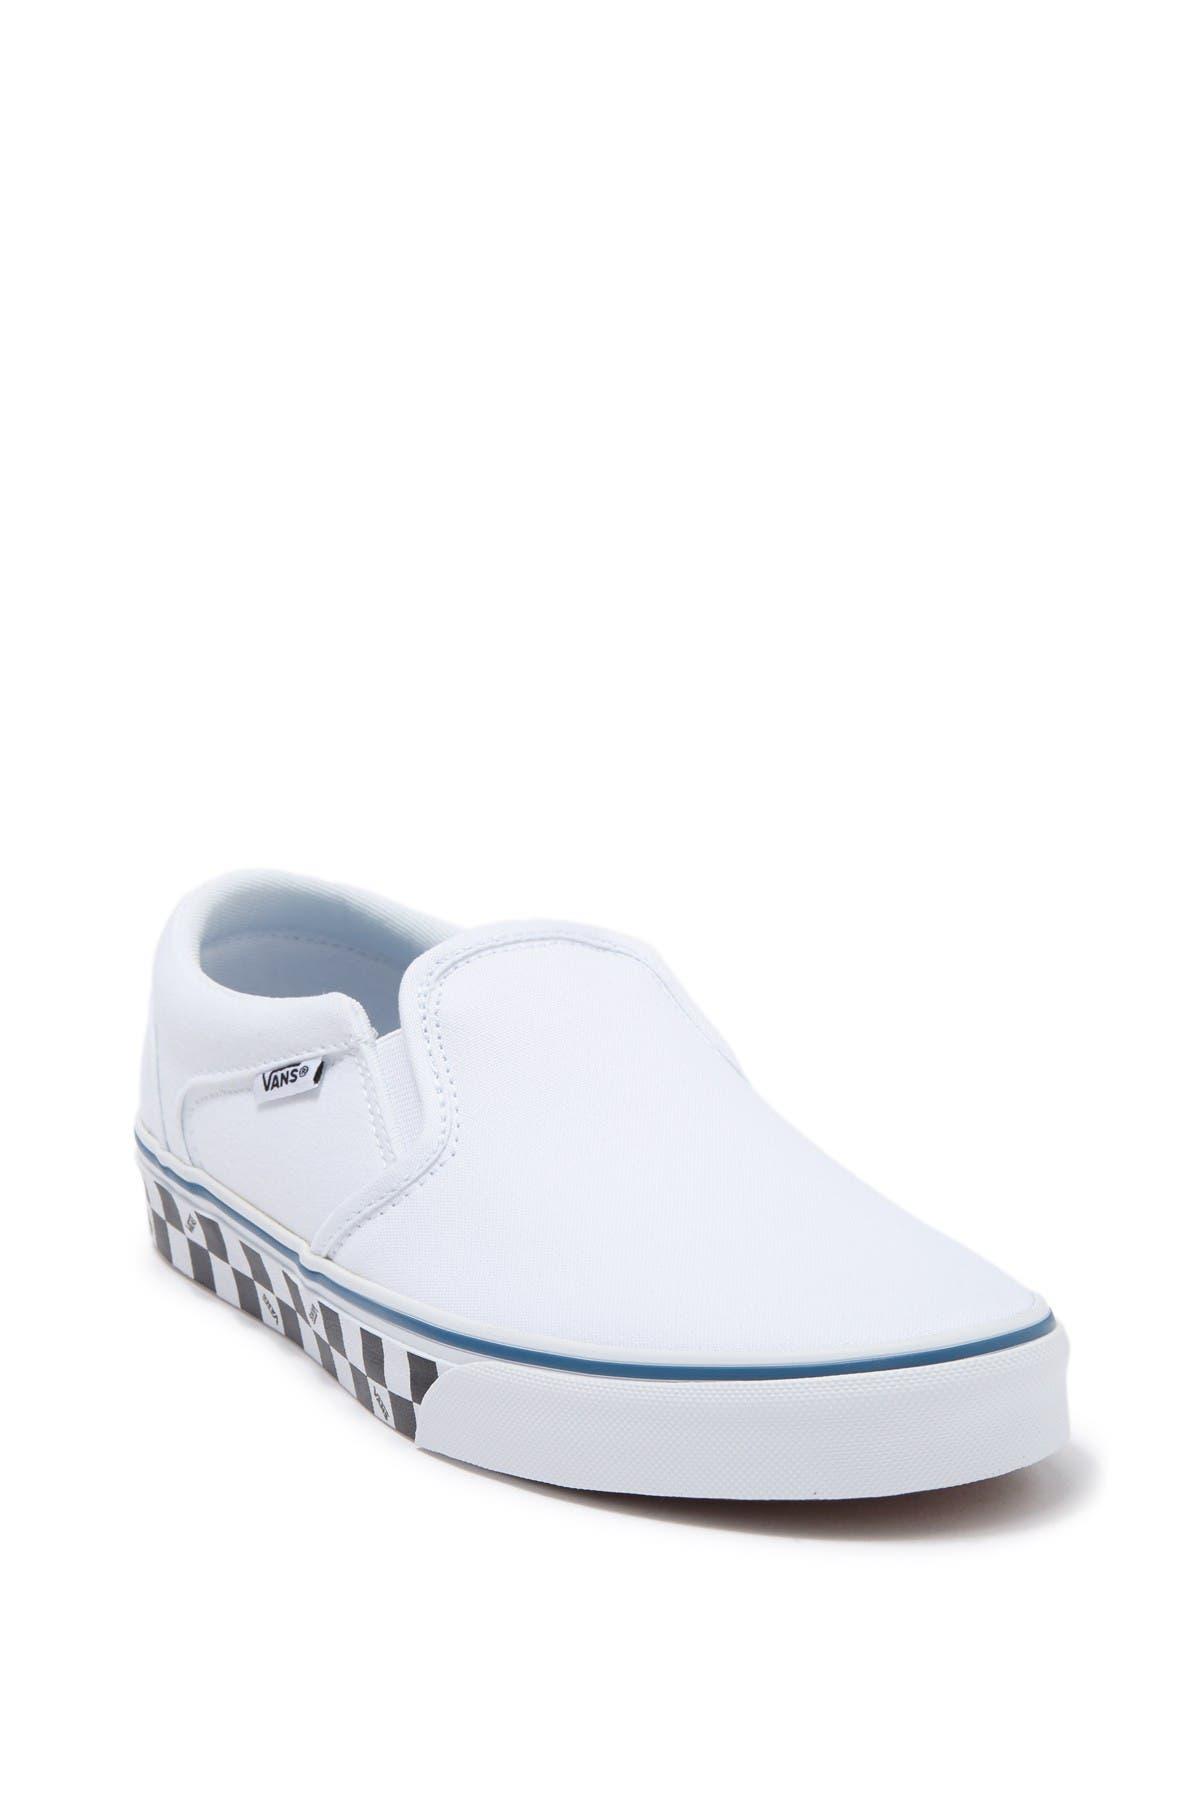 VANS Asher Sneaker